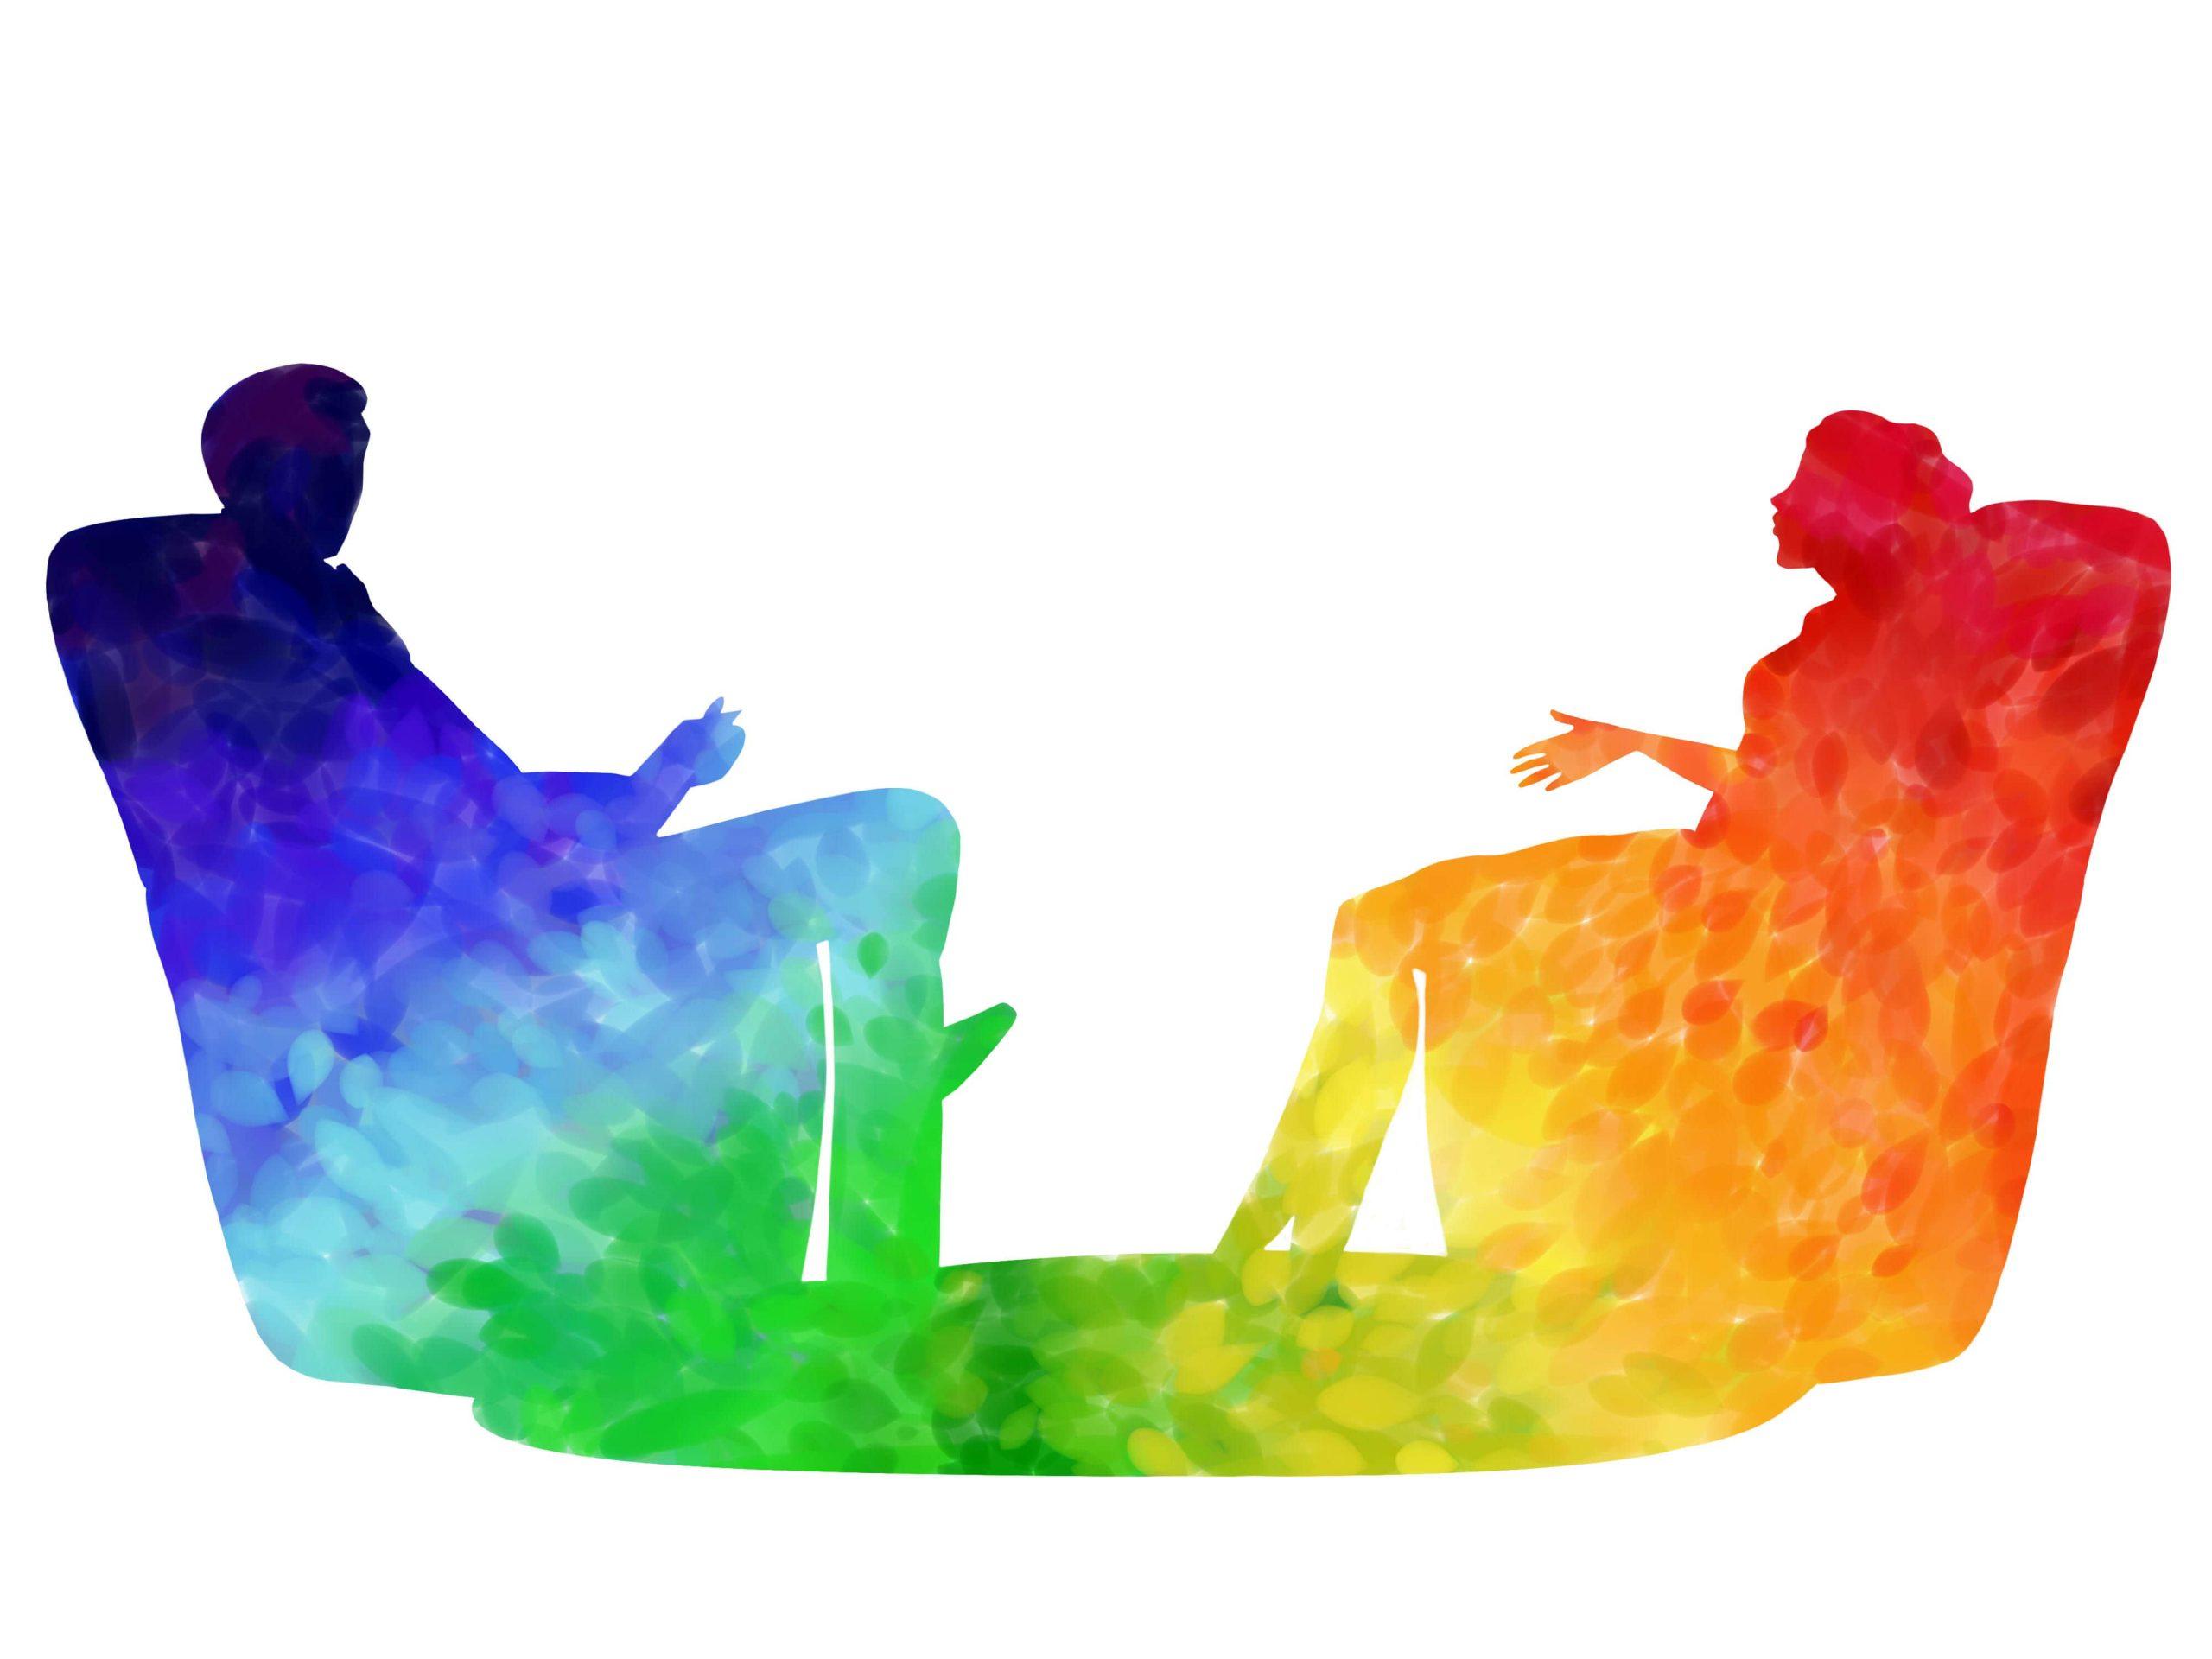 Τι είναι η ψυχοθεραπεία και ποια είναι είναι τα είδη της;